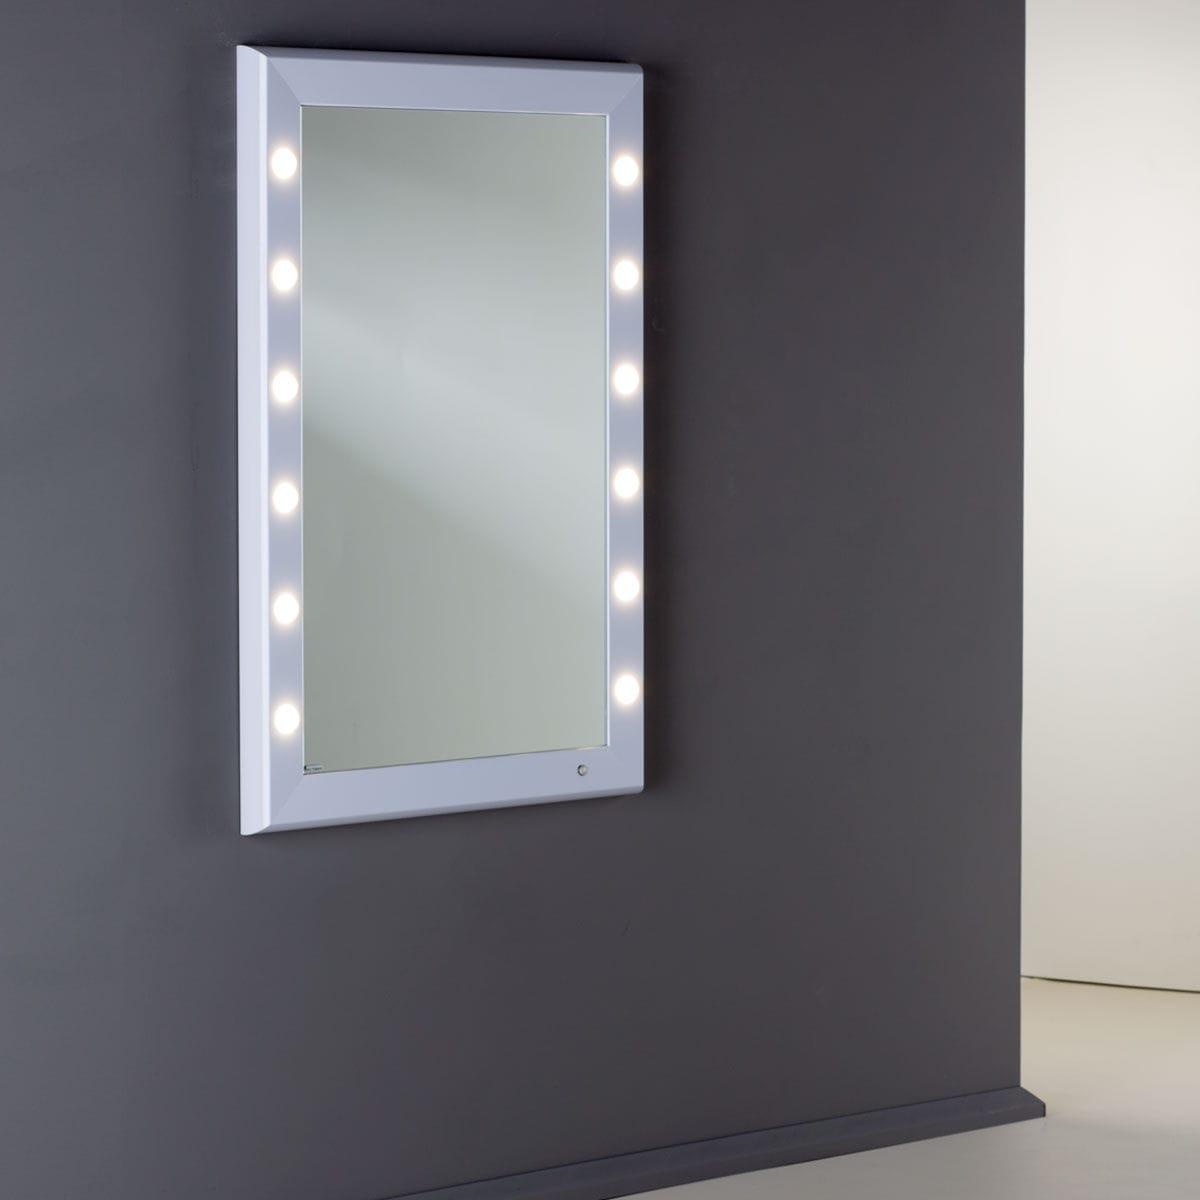 Specchio da bagno a muro / luminoso / per camera da letto ...